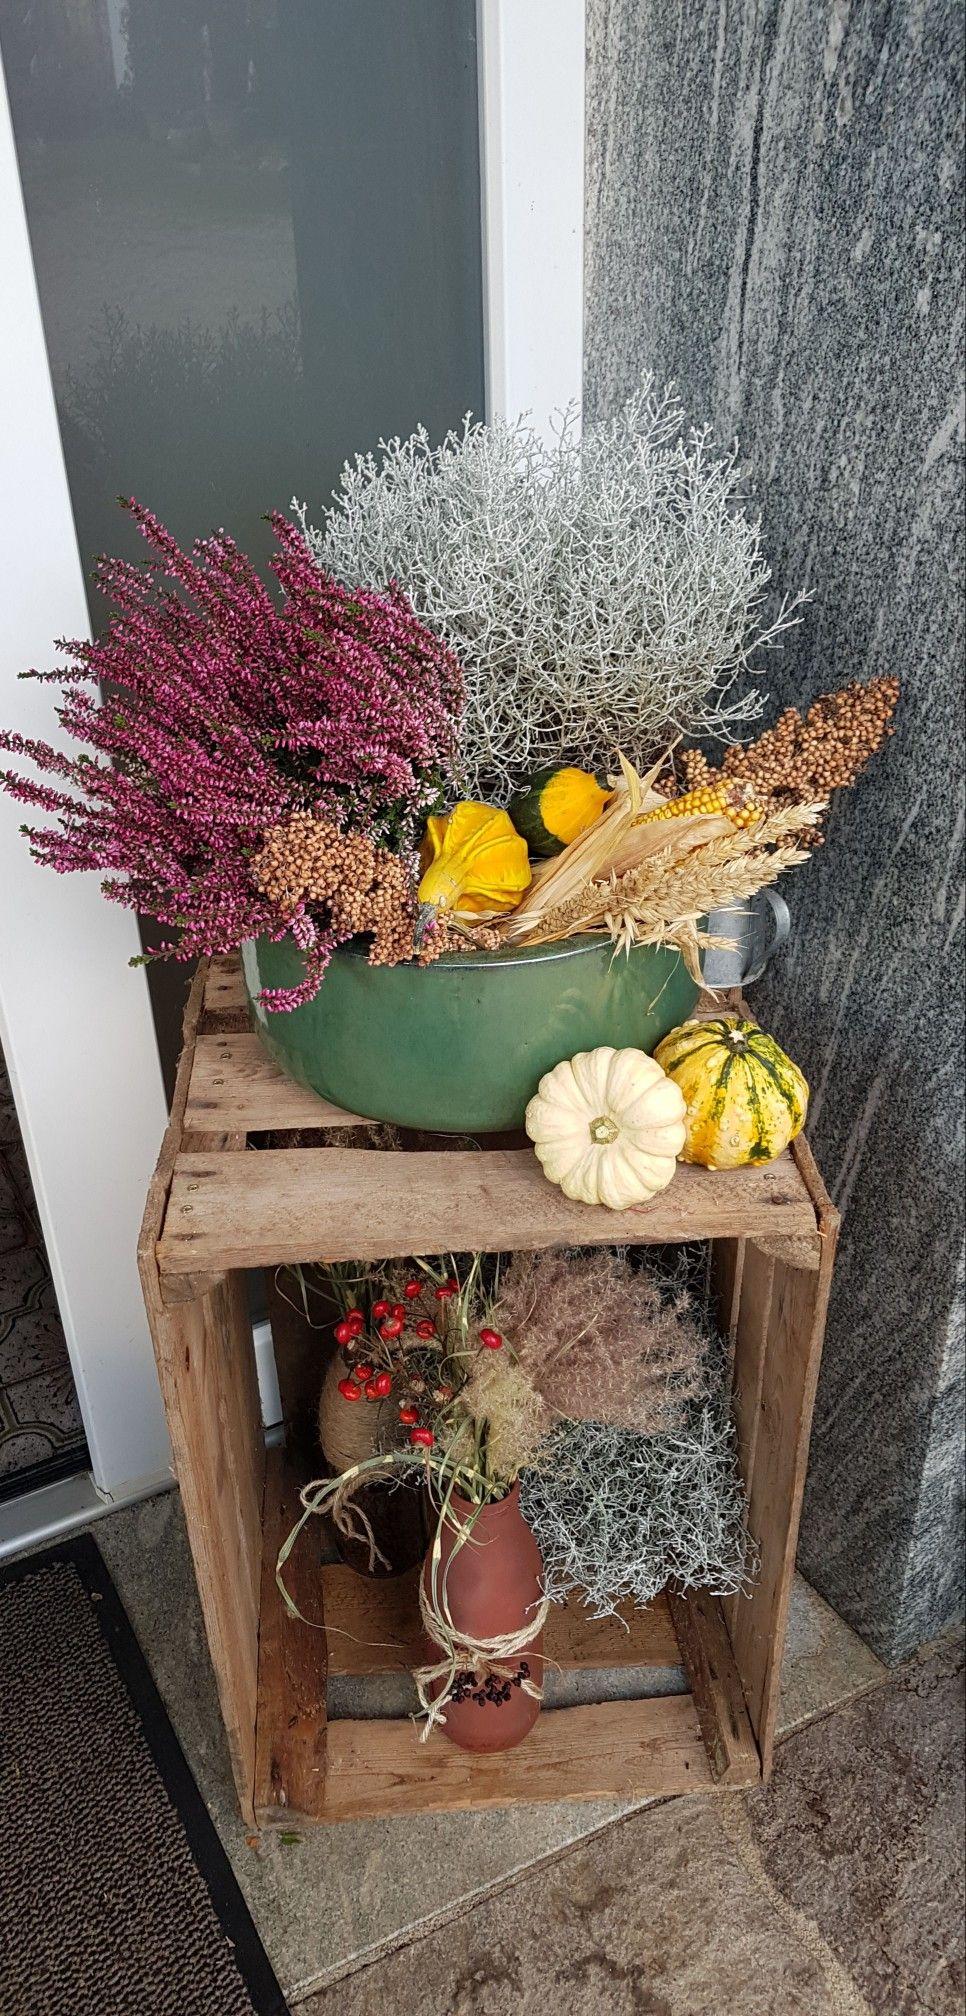 Herbstdeko Hauseingang Hausture Diy Autumn Vintage Deko Herbst Weihnachten Holz Herbst Dekoration